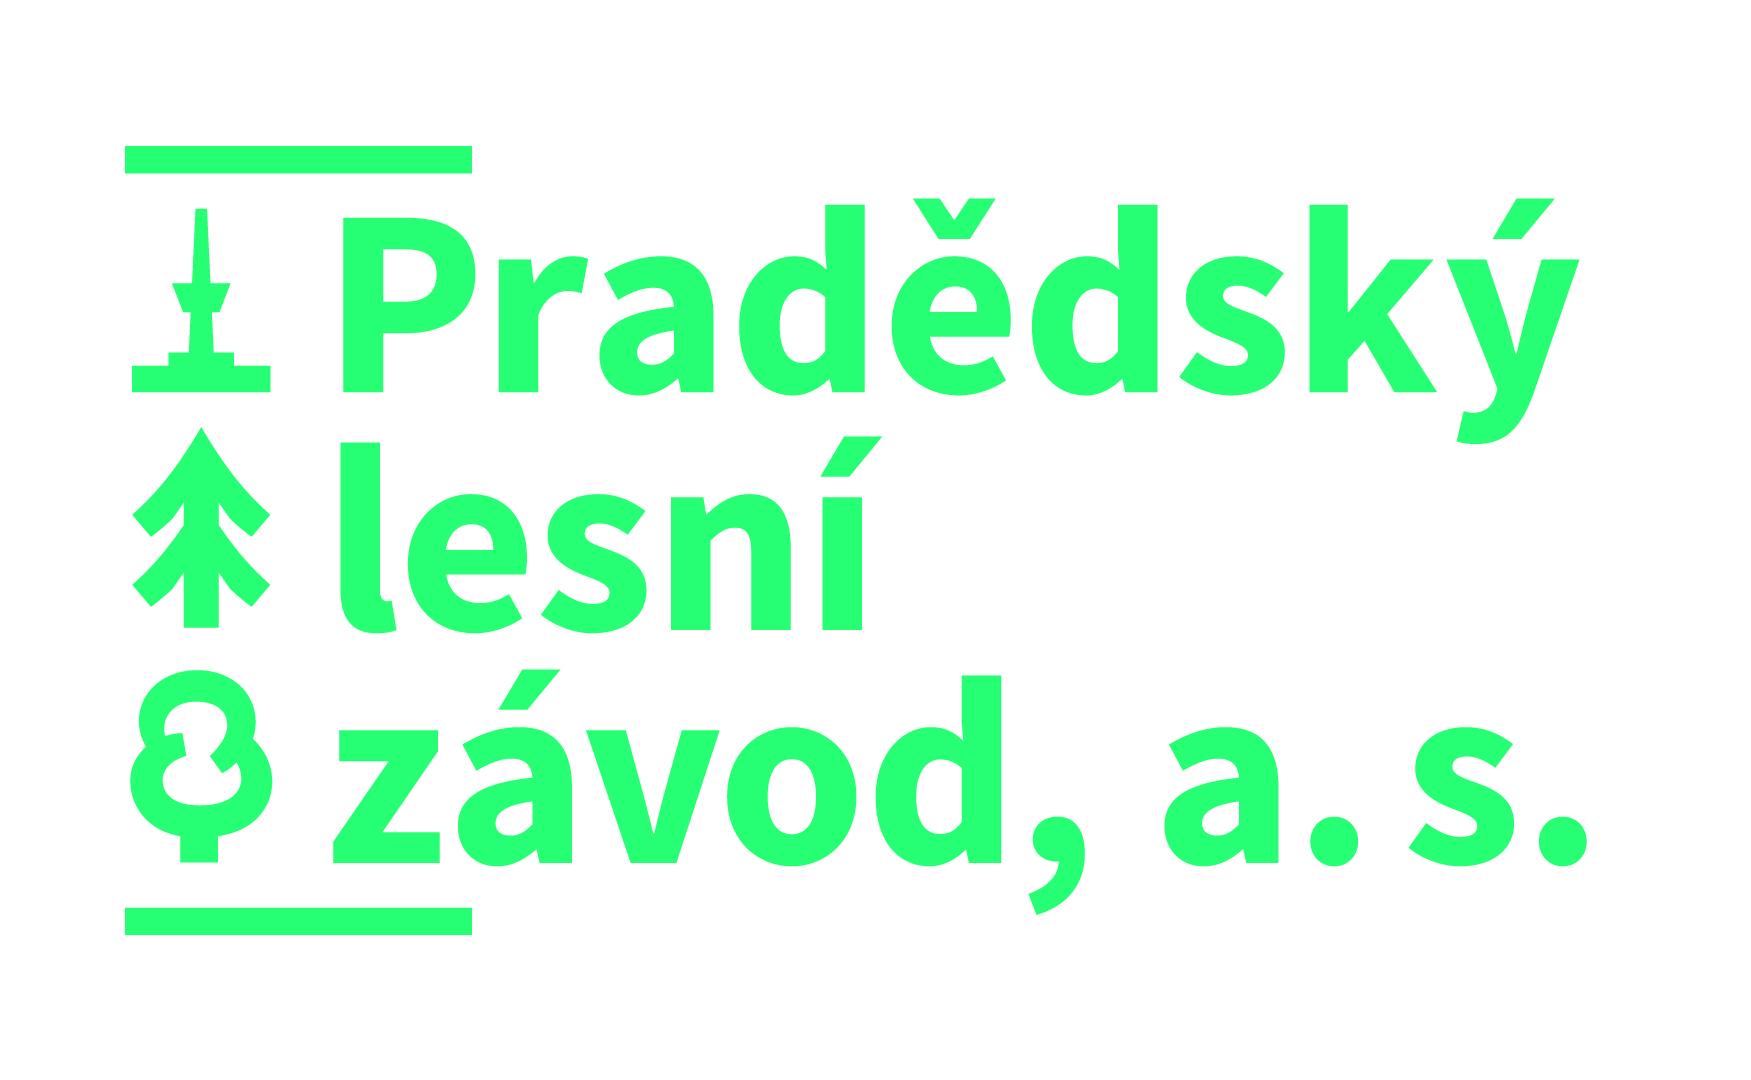 logo firmy Pradědský lesní závod, a.s.